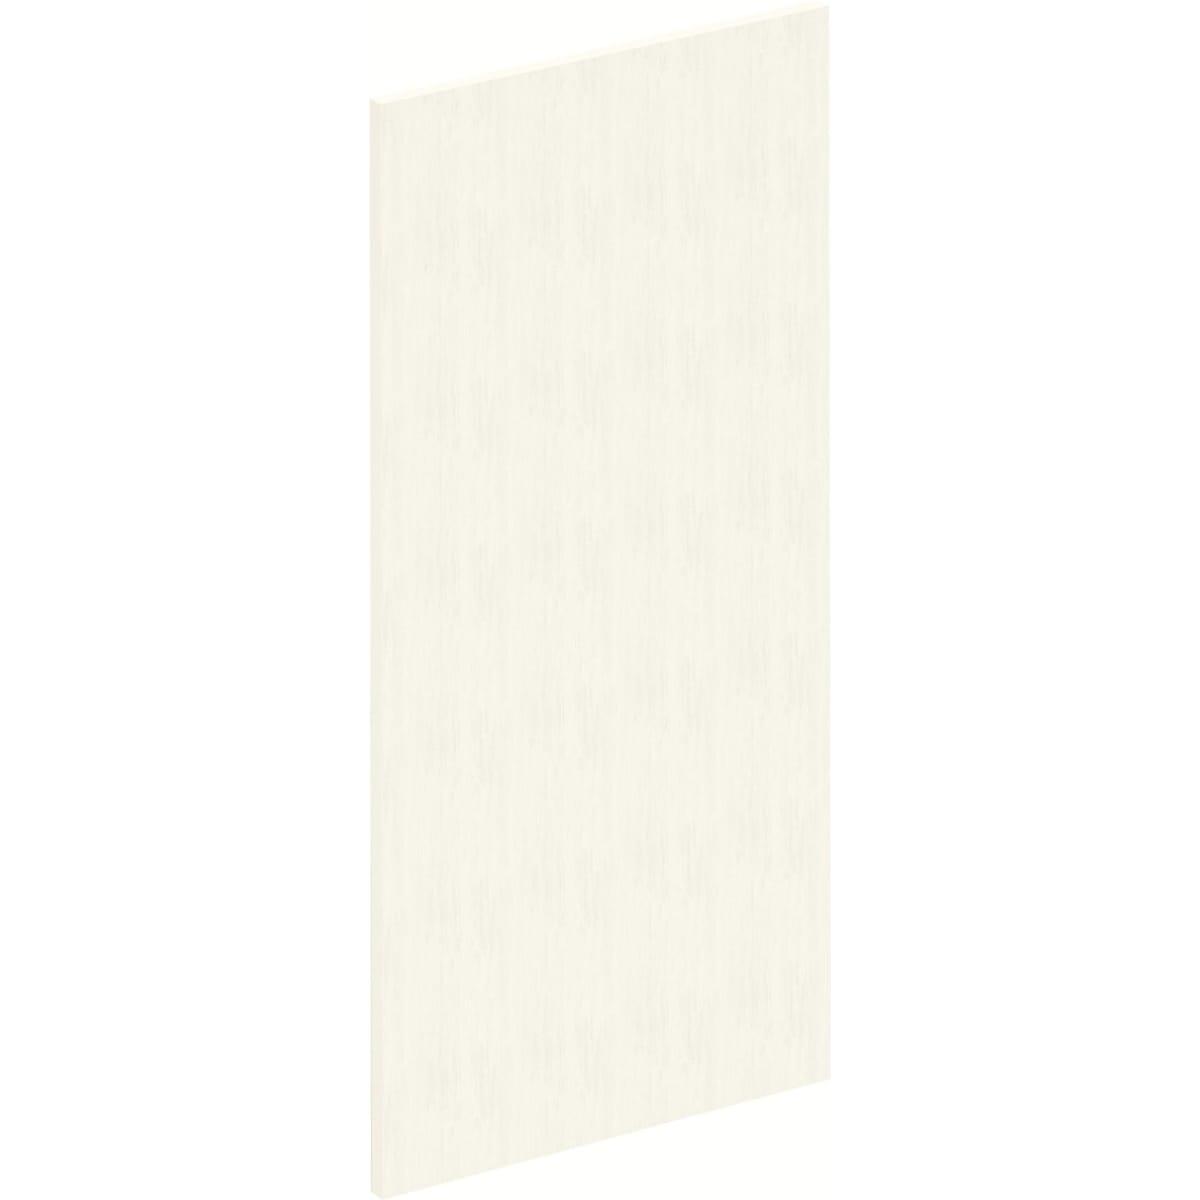 Фальшпанель для шкафа Delinia ID  «Петергоф» 37x77 см, МДФ, цвет бежевый